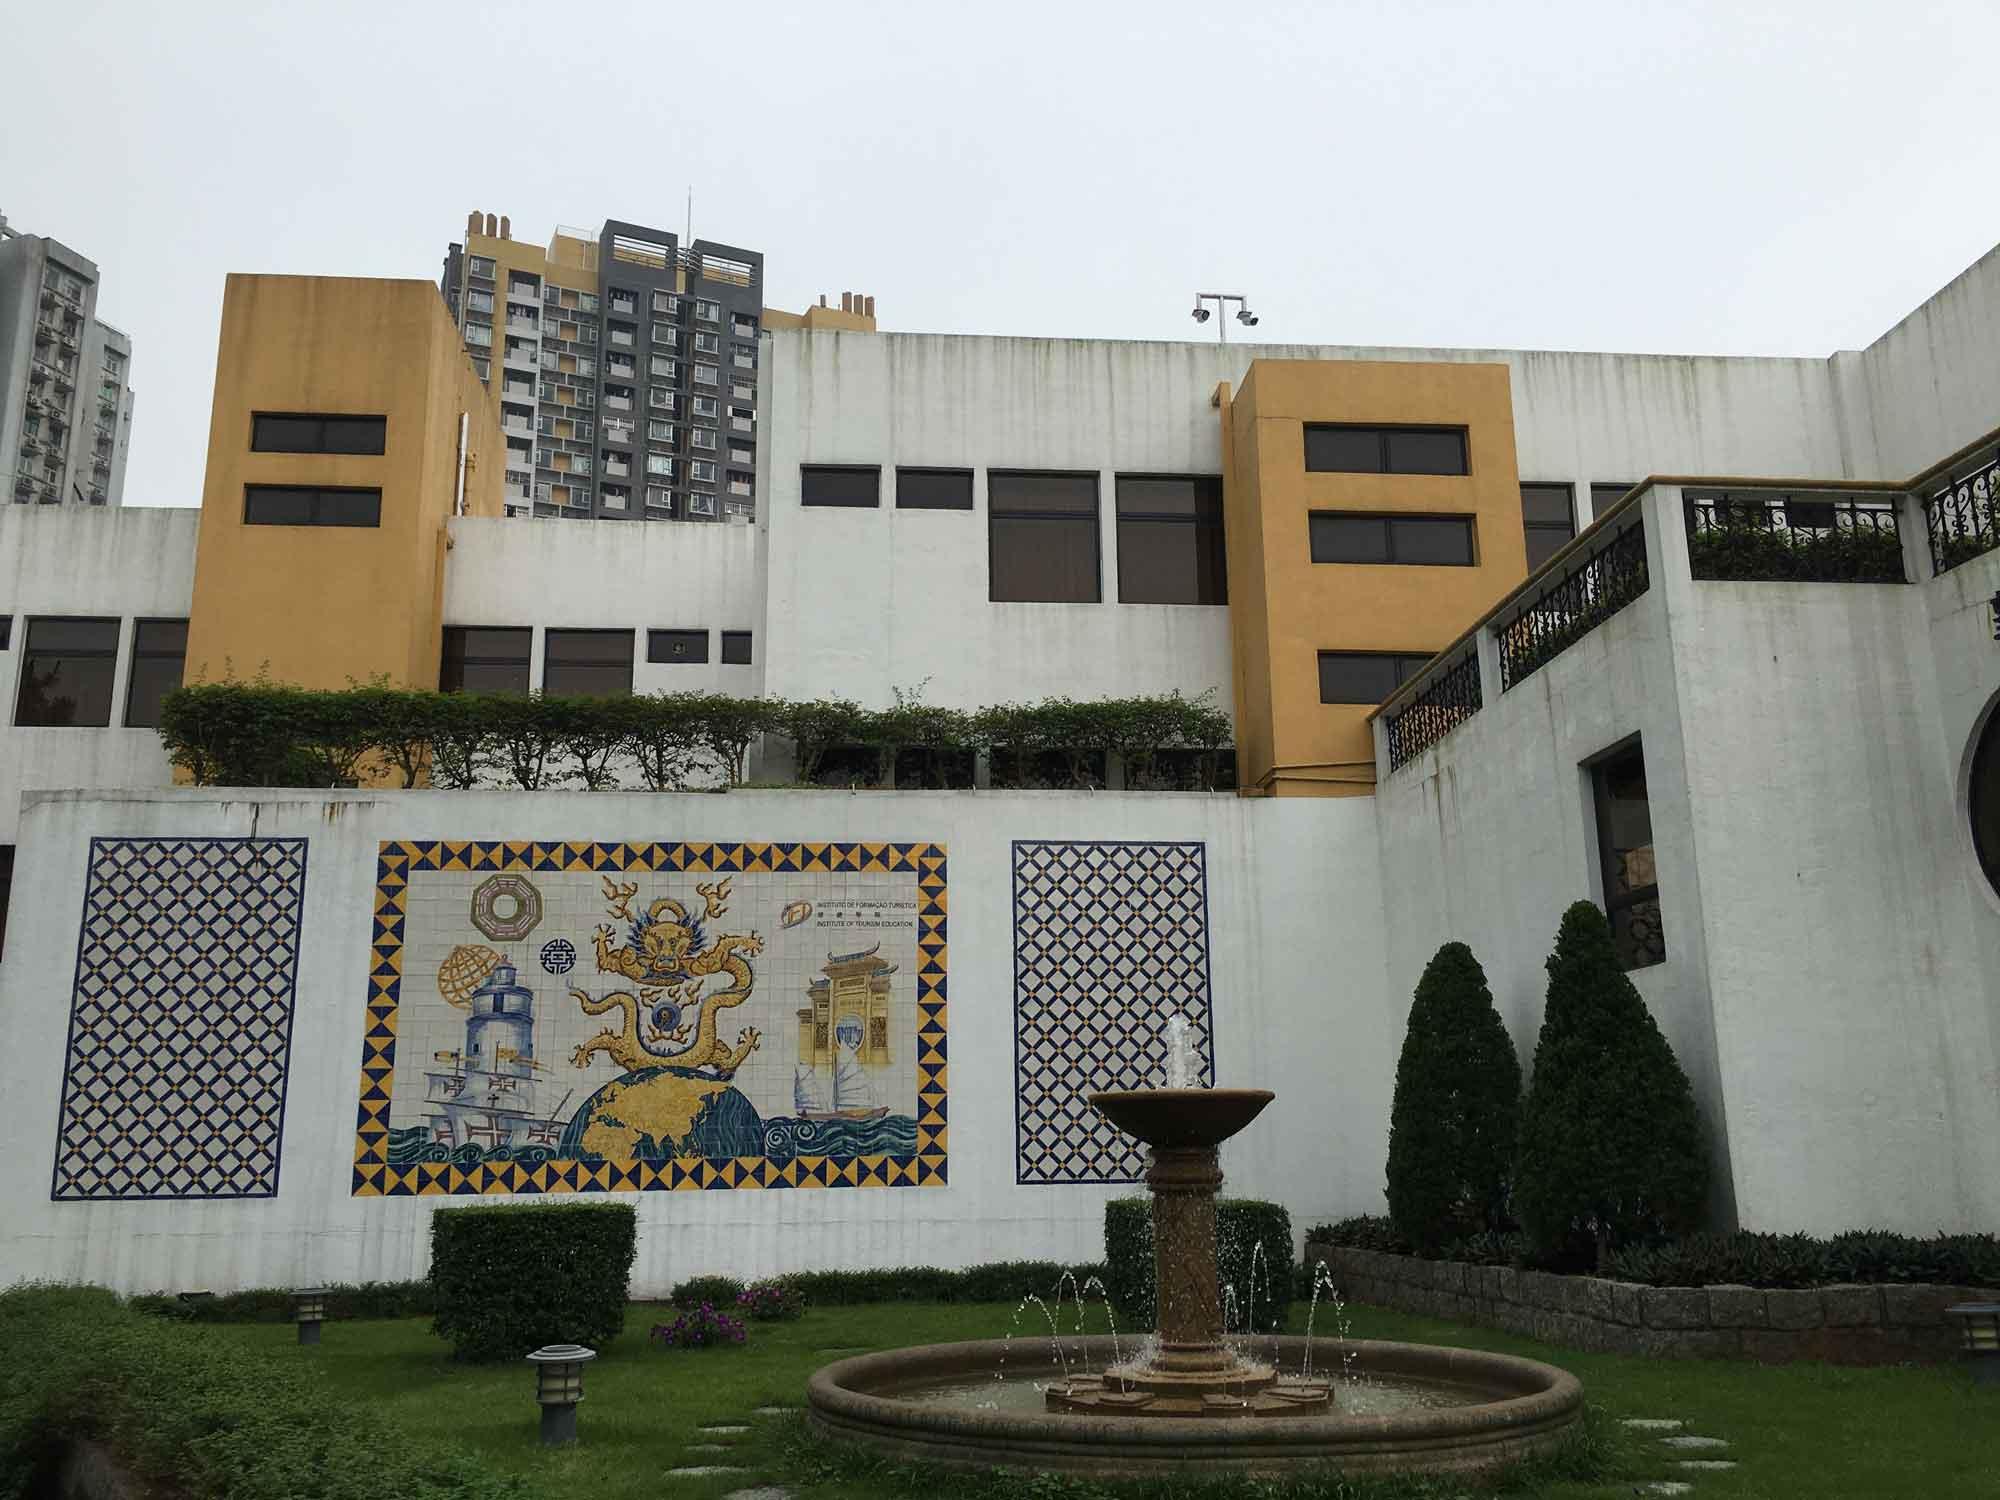 Pousada de Mong Ha fountain and azulejo